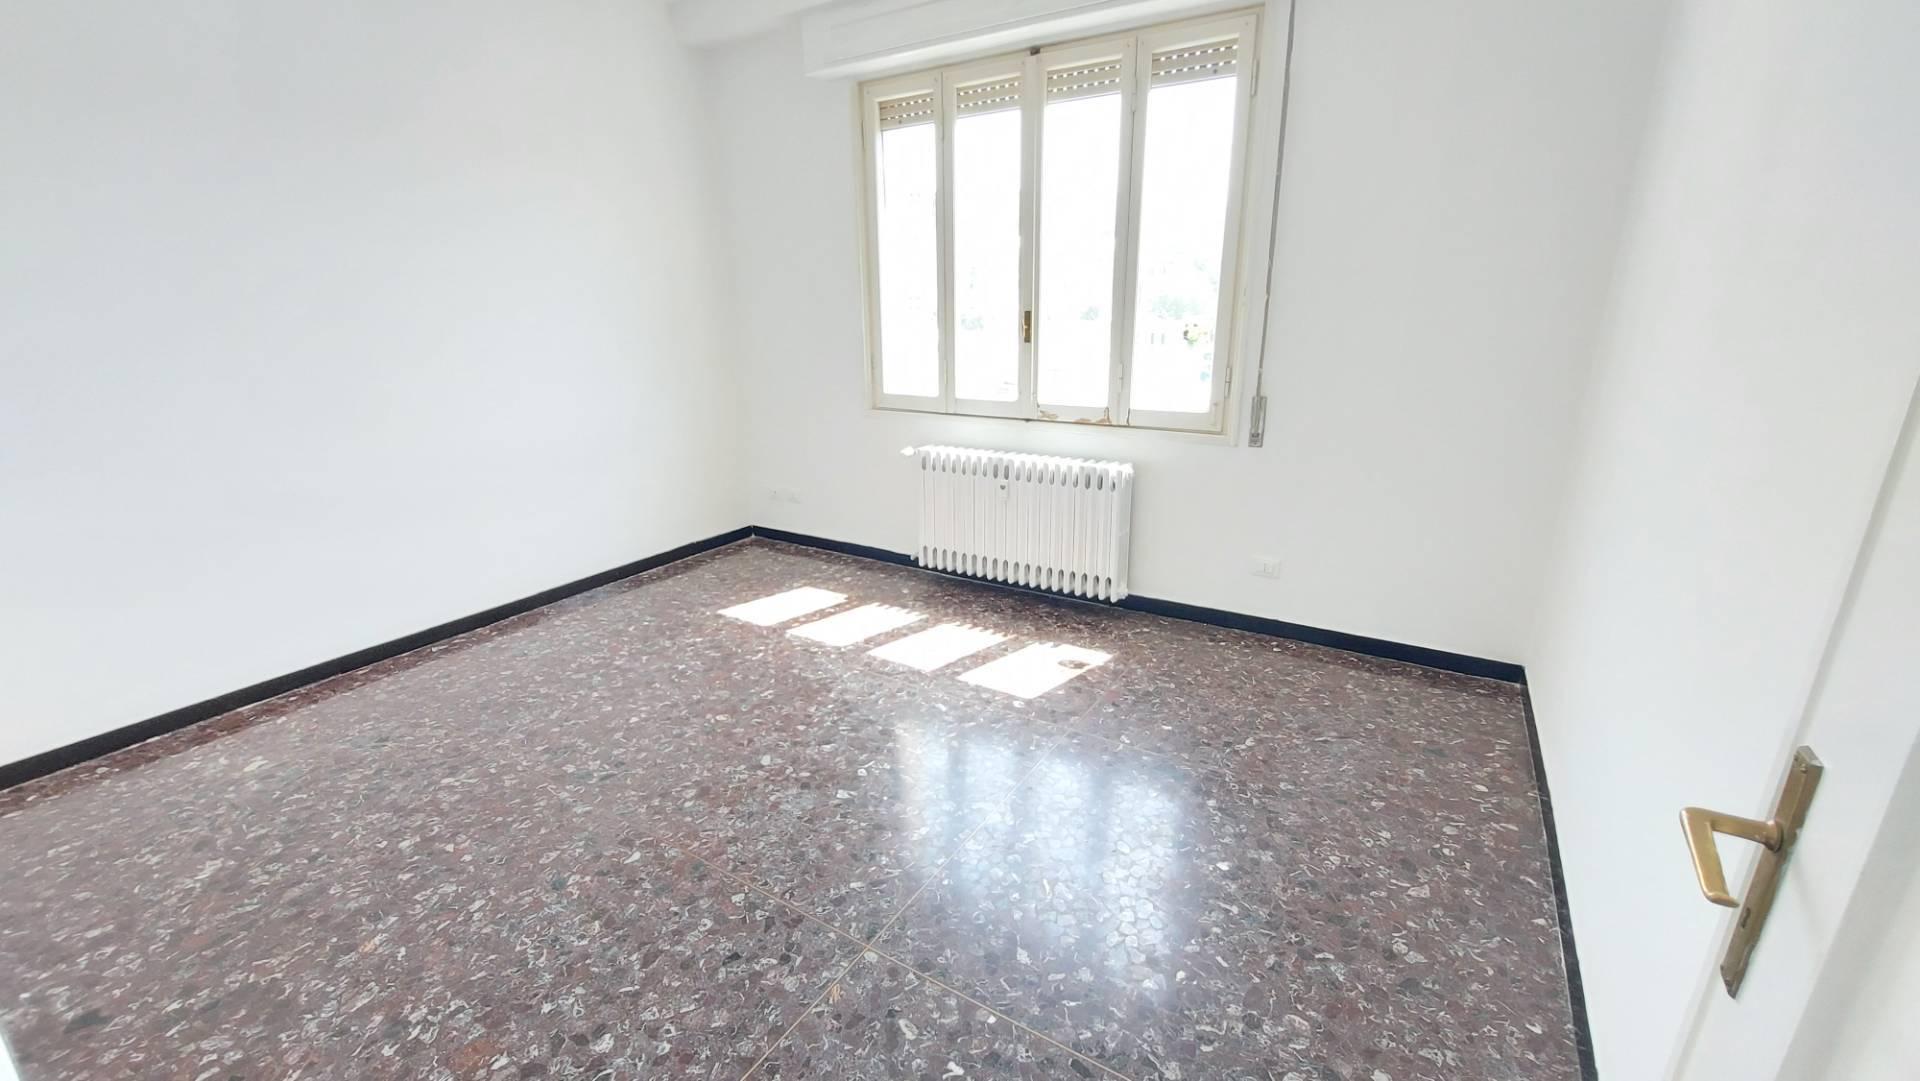 Appartamento in affitto a Marassi, San Fruttuoso, Quezzi, Genova (GE)